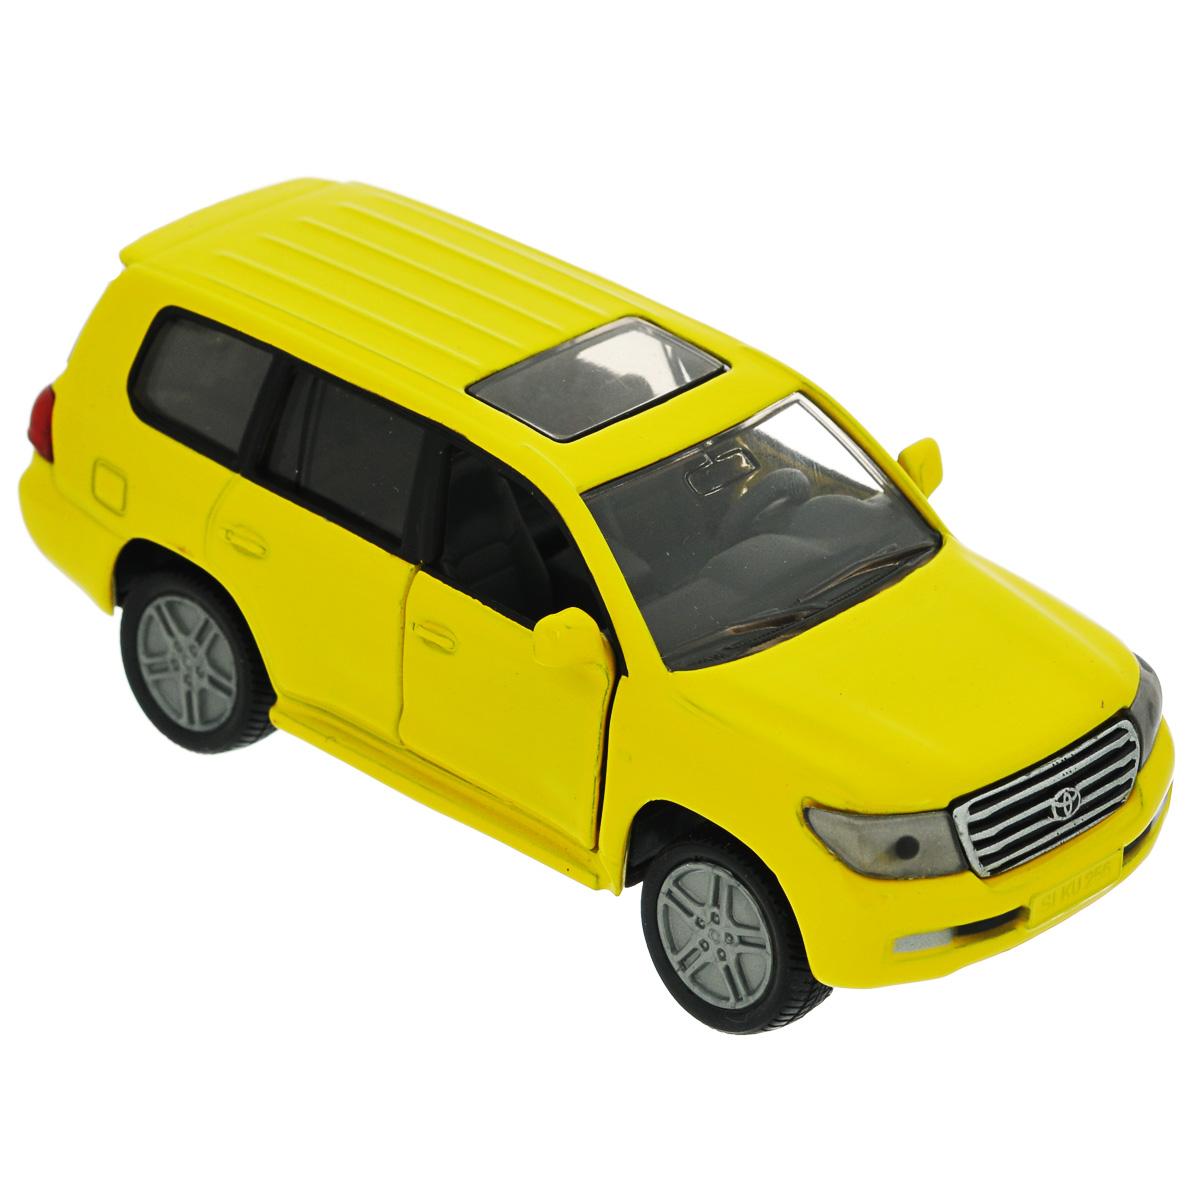 Siku Модель автомобиля Toyota Landcruiser1440Коллекционная модель Siku Toyota Landcruiser выполнена в виде точной копии одноименного автомобиля фирмы Toyota. Такая модель понравится не только ребенку, но и взрослому коллекционеру, и приятно удивит вас высочайшим качеством исполнения. Модель выполнена из металла с элементами из пластика; прорезиненные колеса крутятся. Передние двери машинки открываются. Отличный подарок для любителей автомобилей!